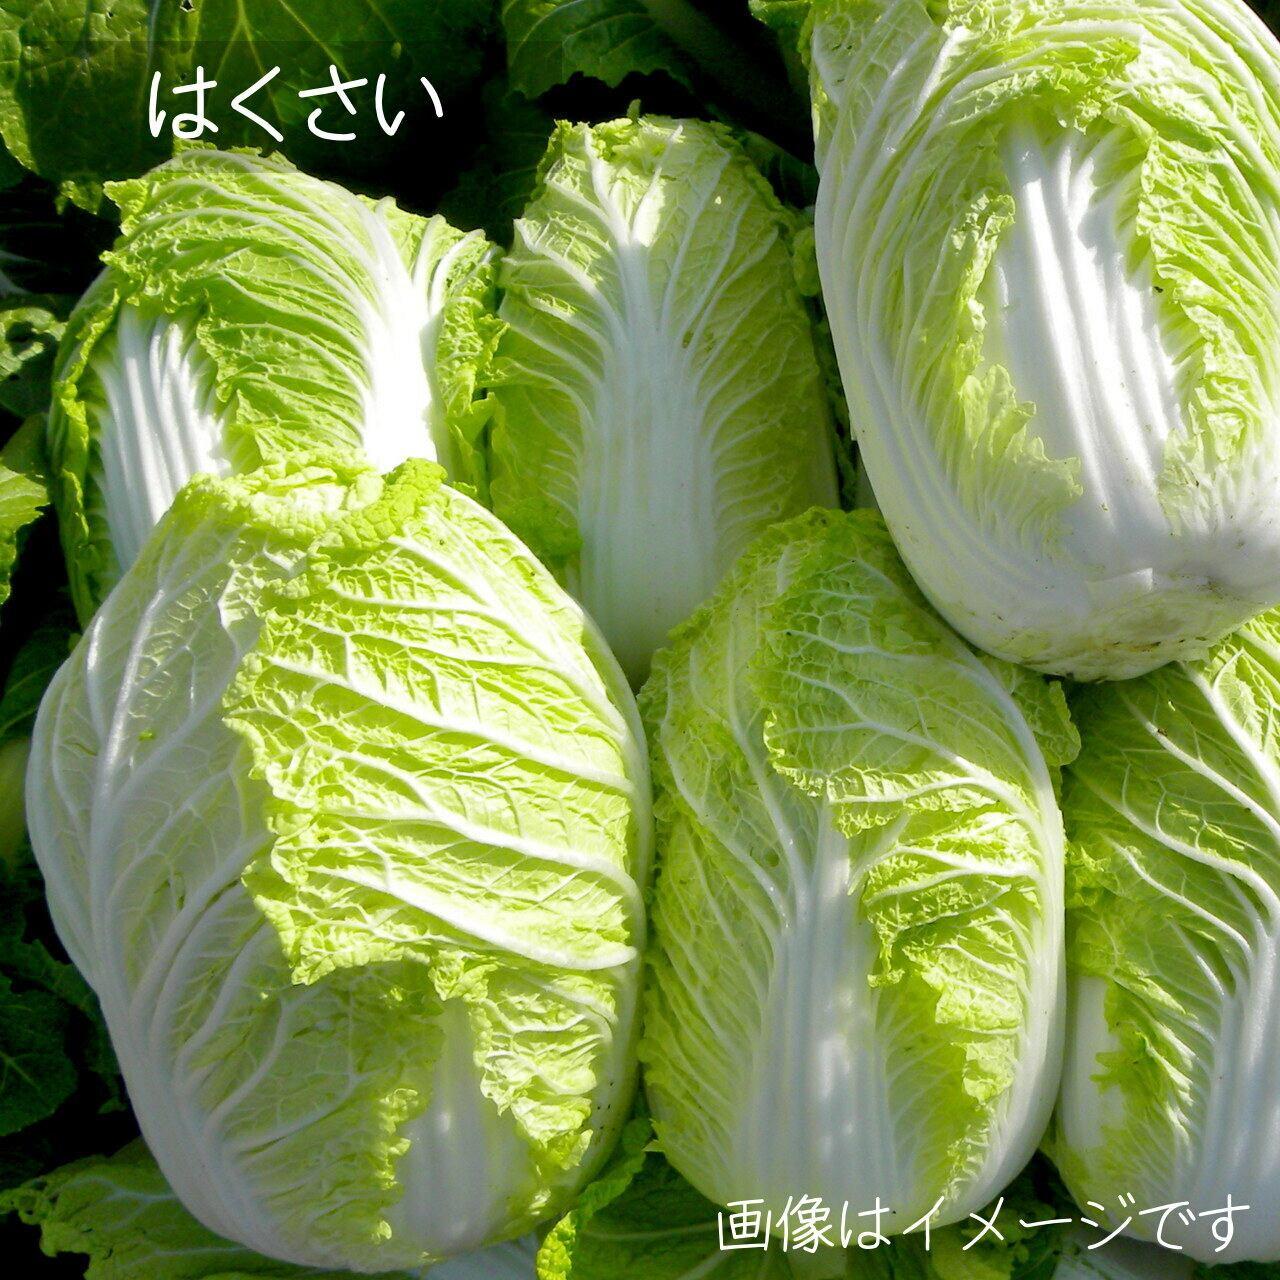 朝採り野菜 白菜 1個 4月20日発送予定